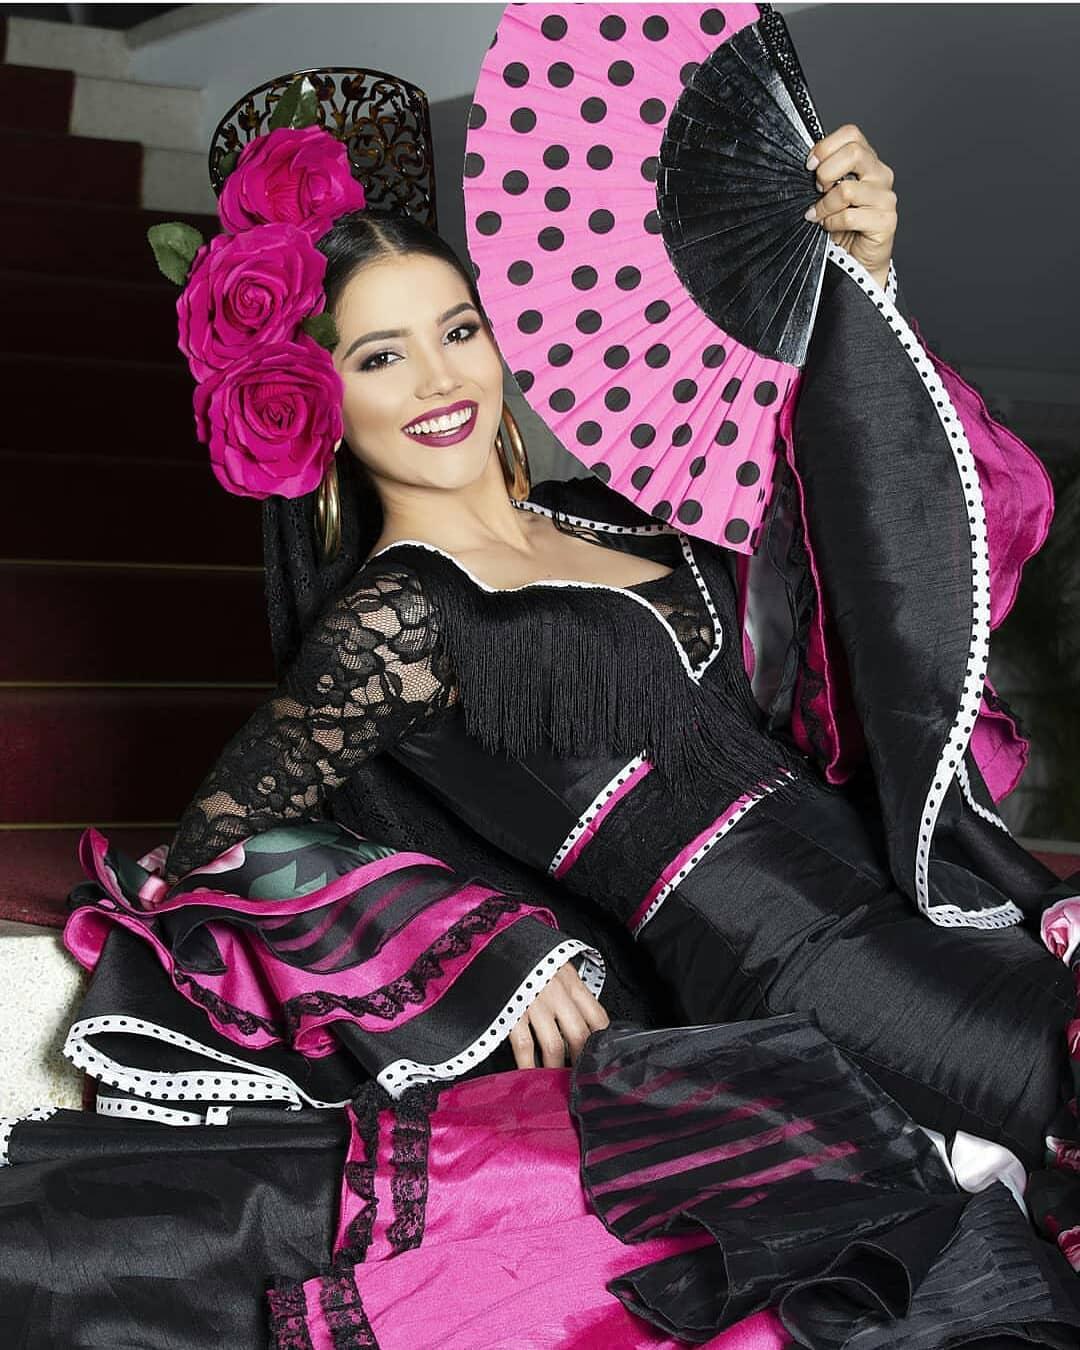 maria sofia contreras trujillo, segunda finalista de reynado internacional cafe 2019. - Página 5 47584311